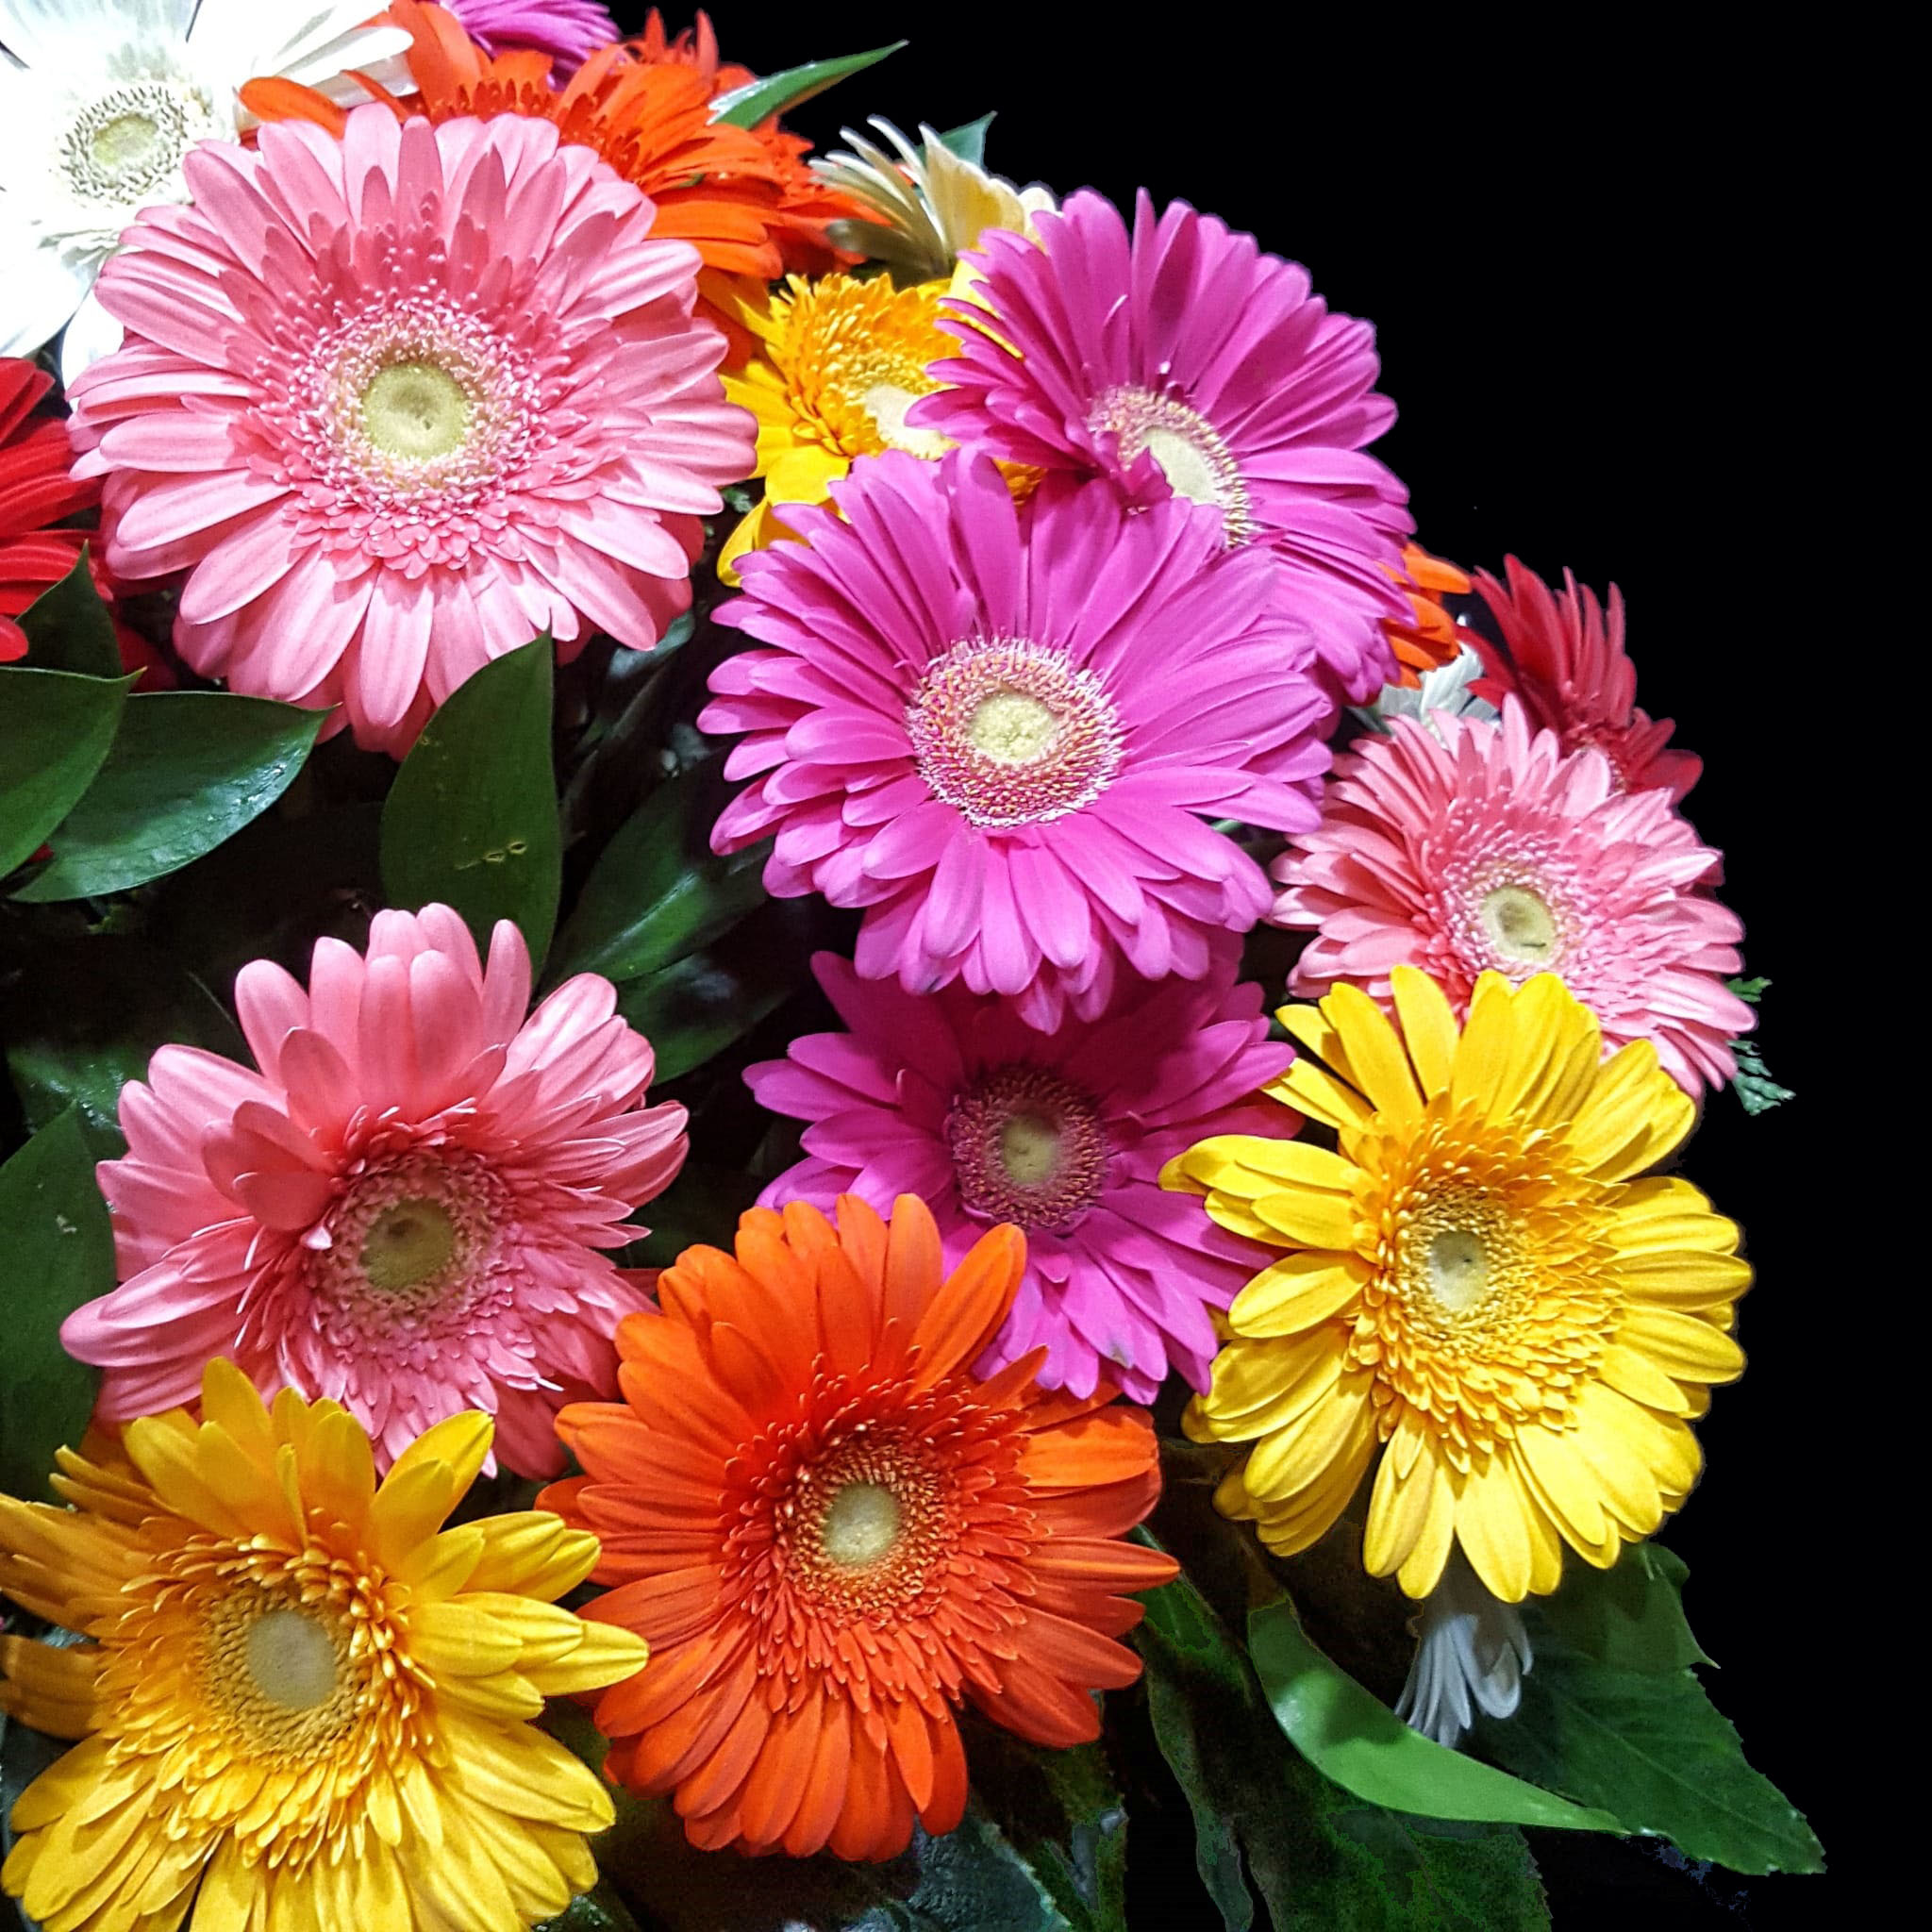 Les Bouquets Fleuristerie - Ramos de flores naturales